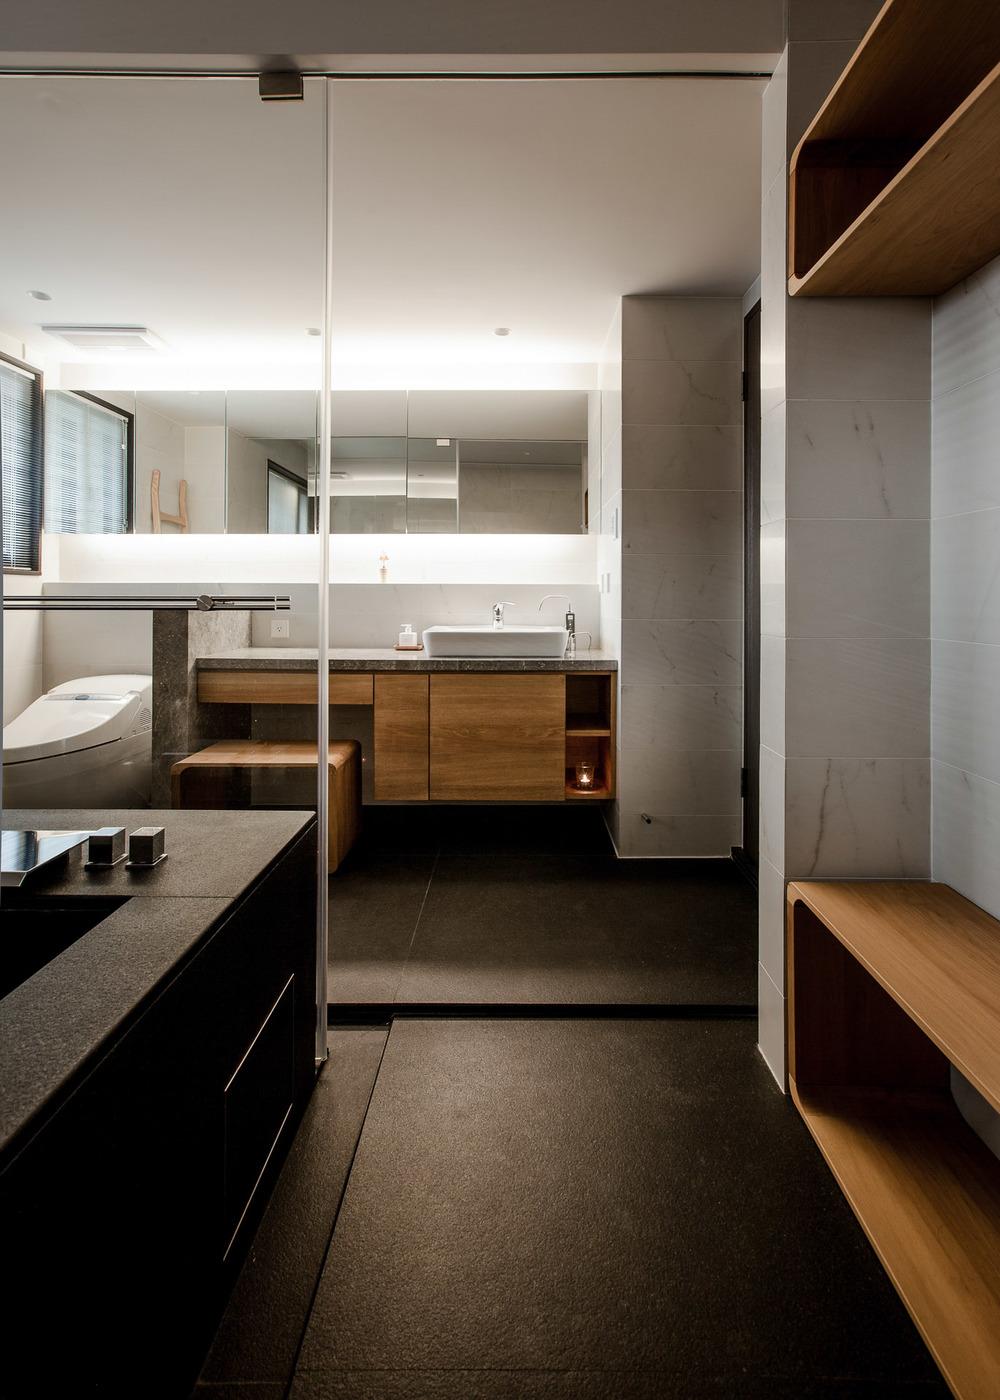 Interior-043-2.jpg